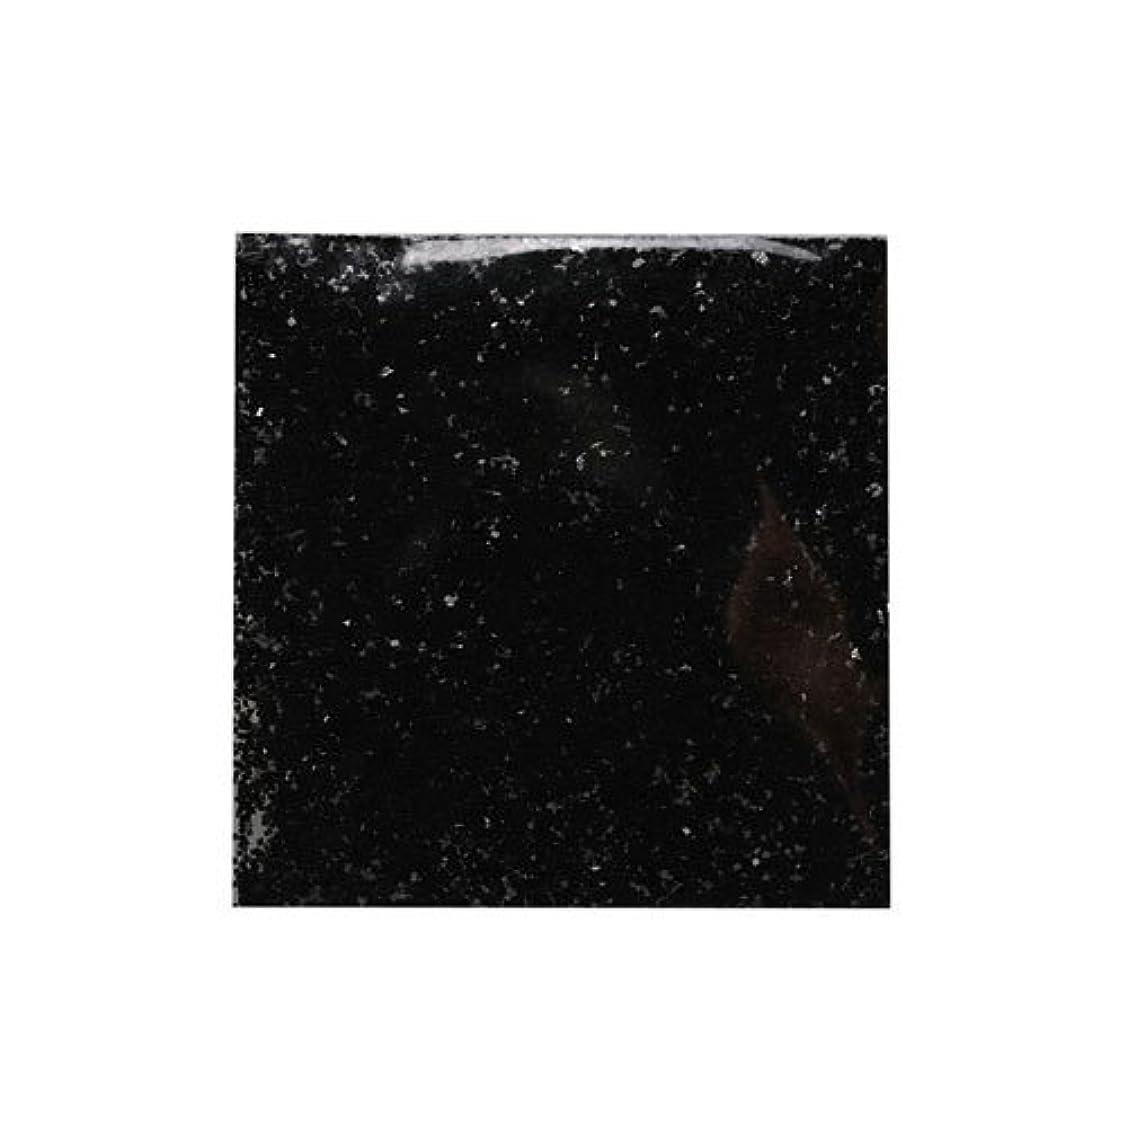 令状私達嫌なピカエース ネイル用パウダー ラメメタリック M #537 ブラック 2g アート材